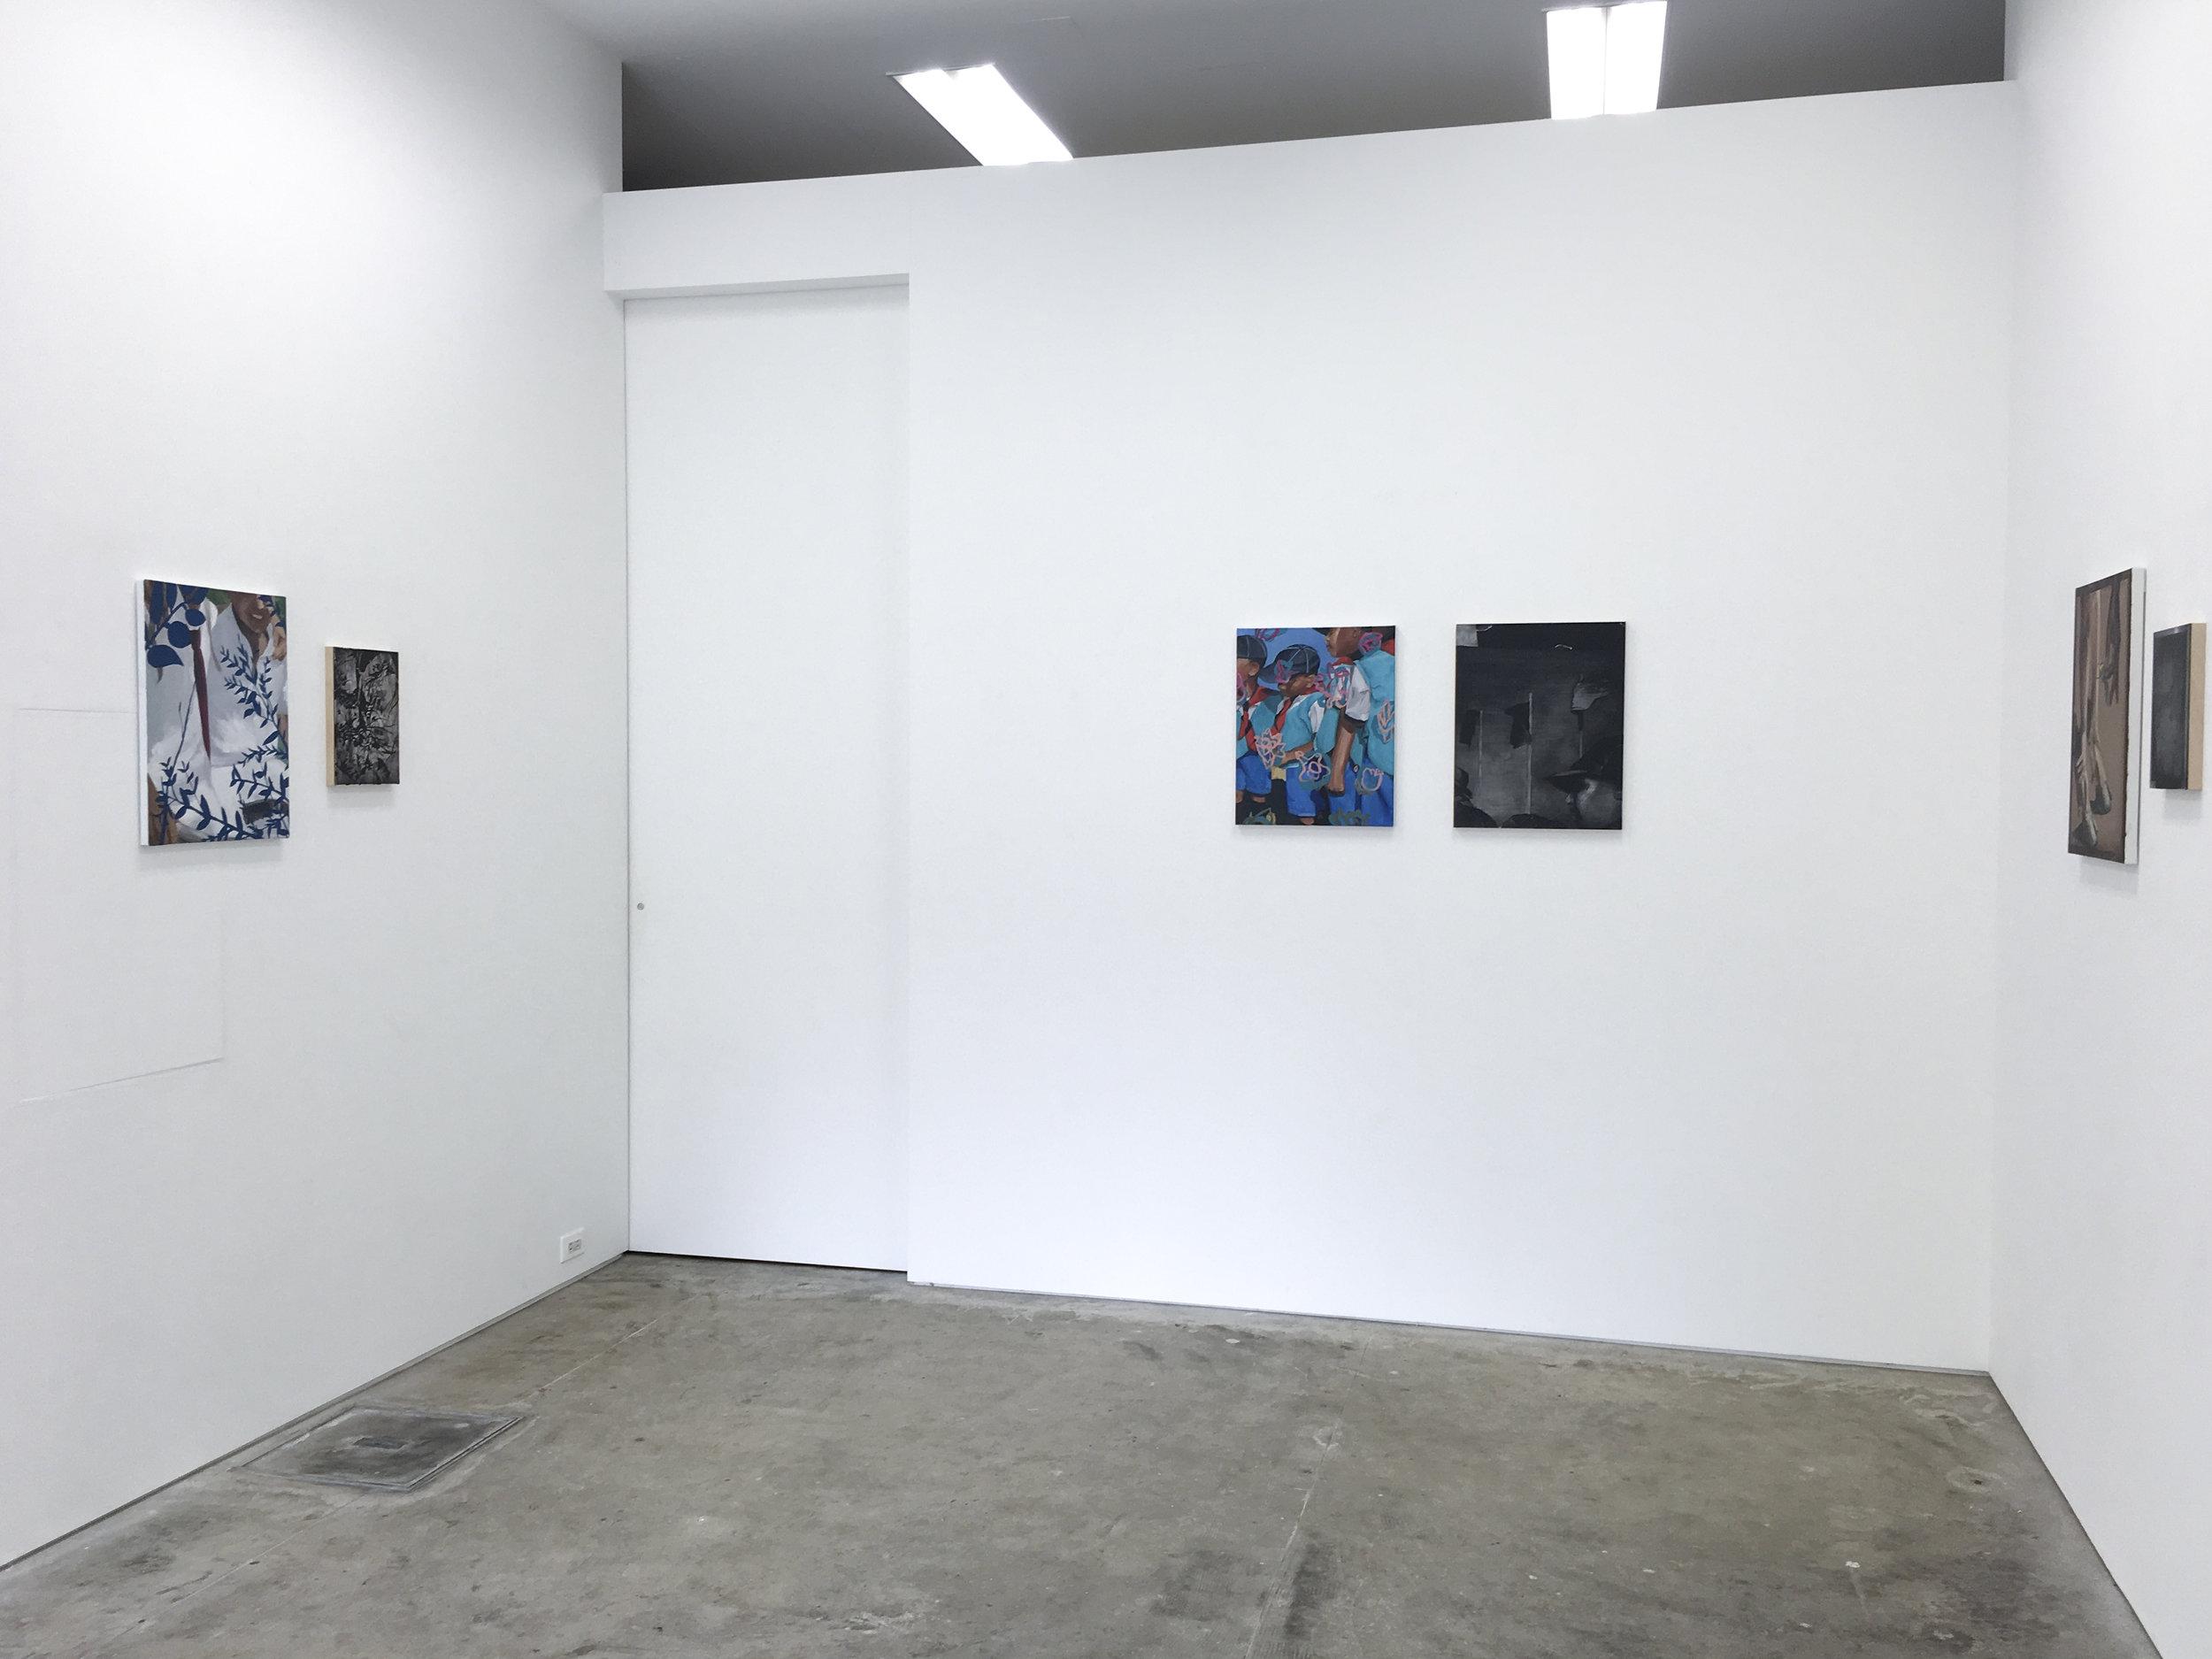 Isseki Nichou (Two Birds, One Stone), Koki Arts, Tokyo, Japan, 8/17